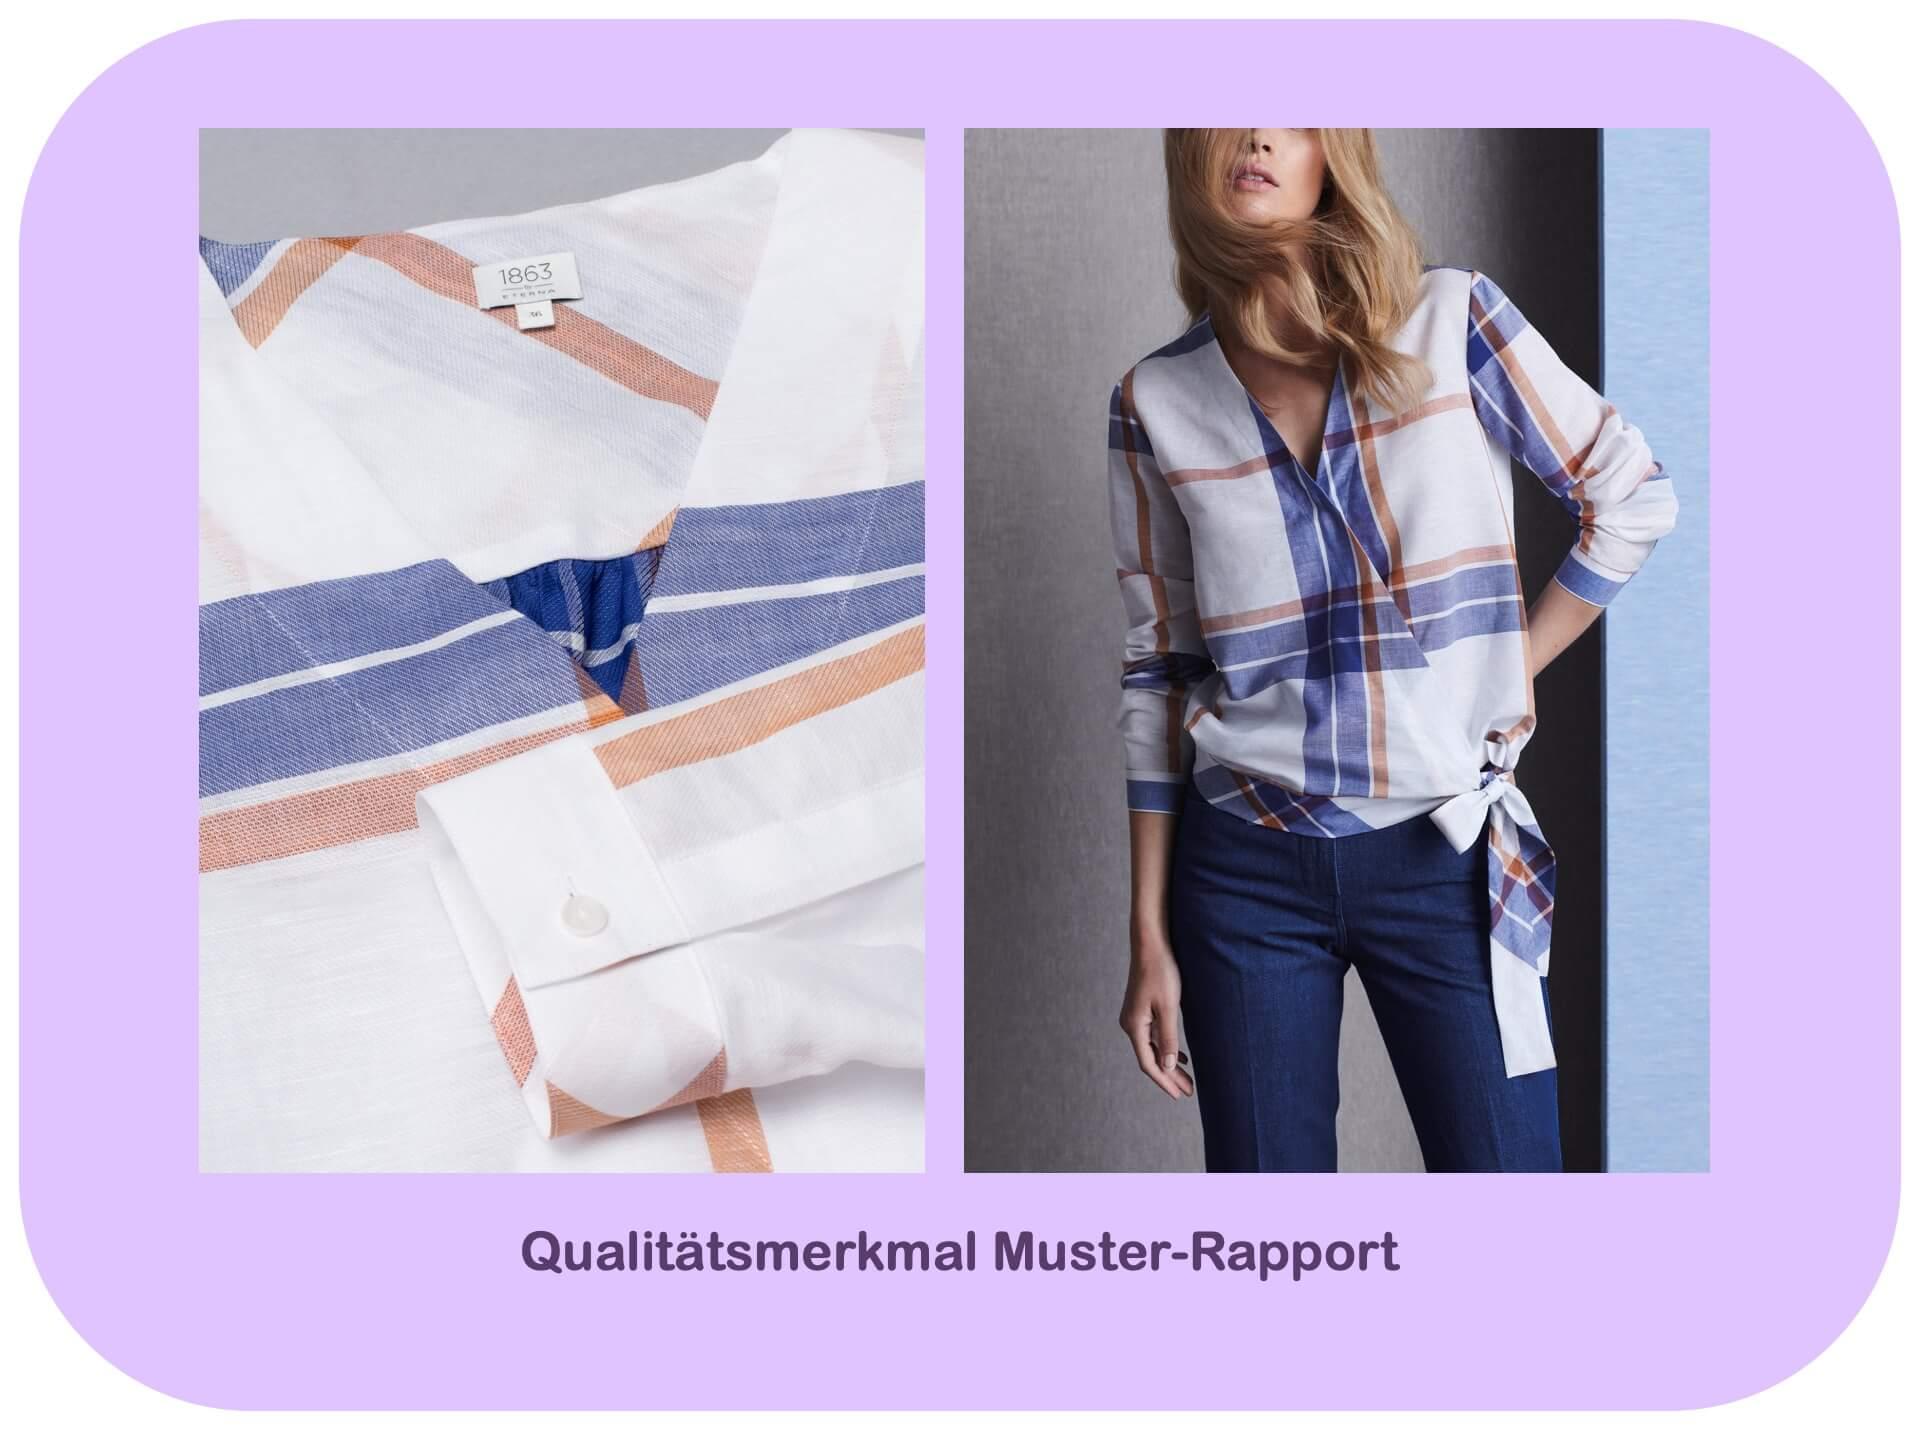 Am Muster.Rapport erkennt man die Qualität einer Bluse und ihre hochwertige Verarbeitung